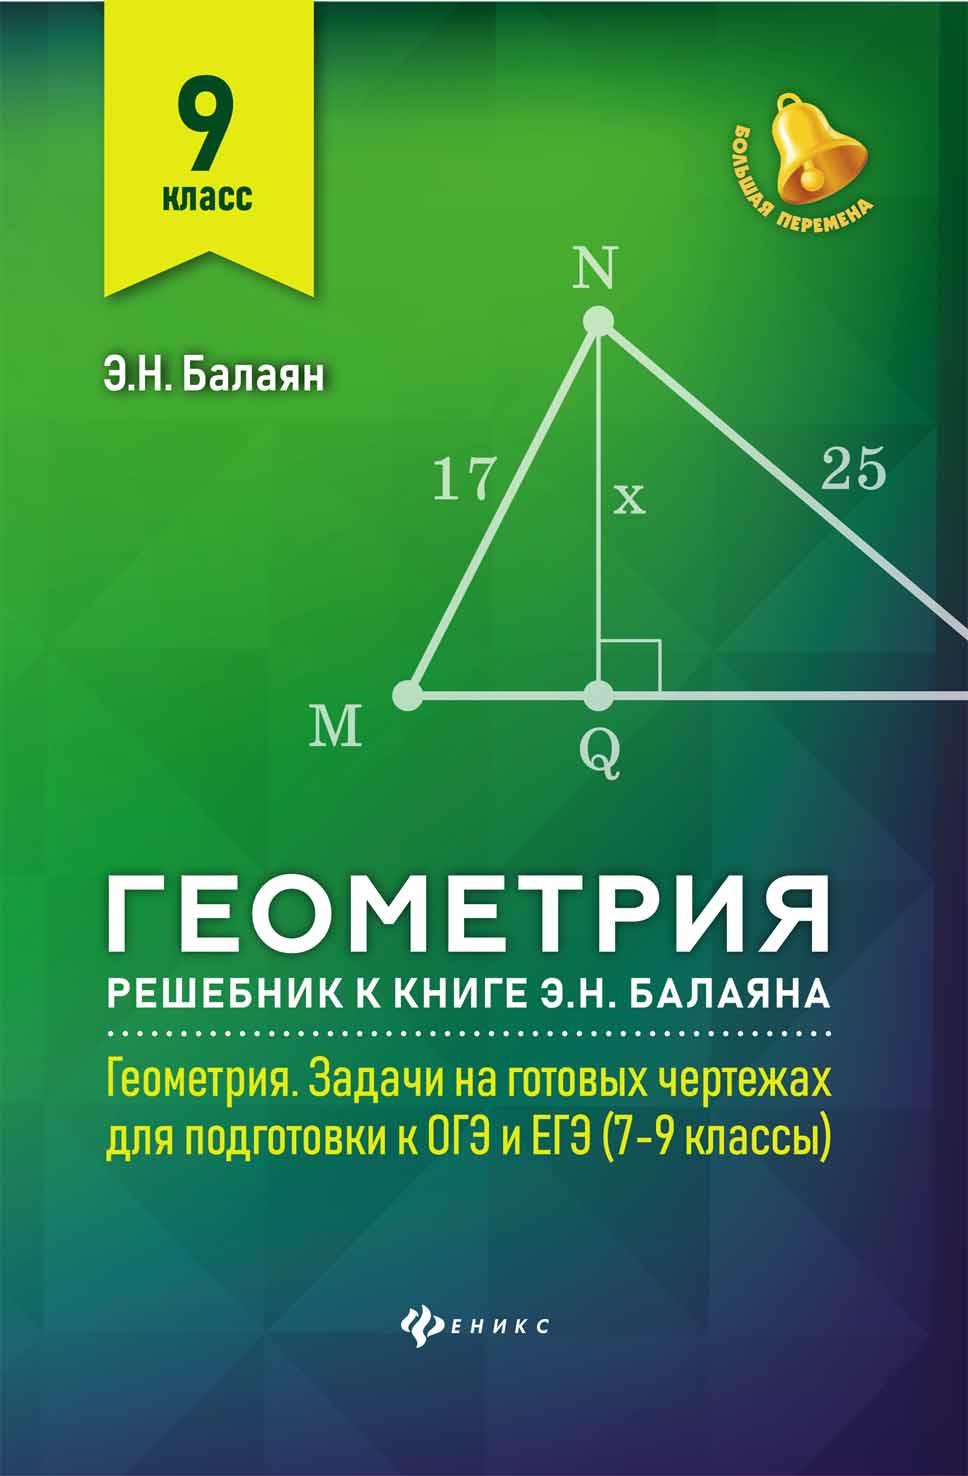 Э. Н. Балаян Геометрия. 9 класс. Решебник к книге Э.Н. Балаяна Геометрия. Задачи на готовых чертежах для подготовки к ОГЭ и ЕГЭ. 7-9 классы балаян э геометрия 9 класс решебник к книге э н балаяна геометрия задачи на готовых чертежах для подготовки к огэ и егэ 7 9 классы